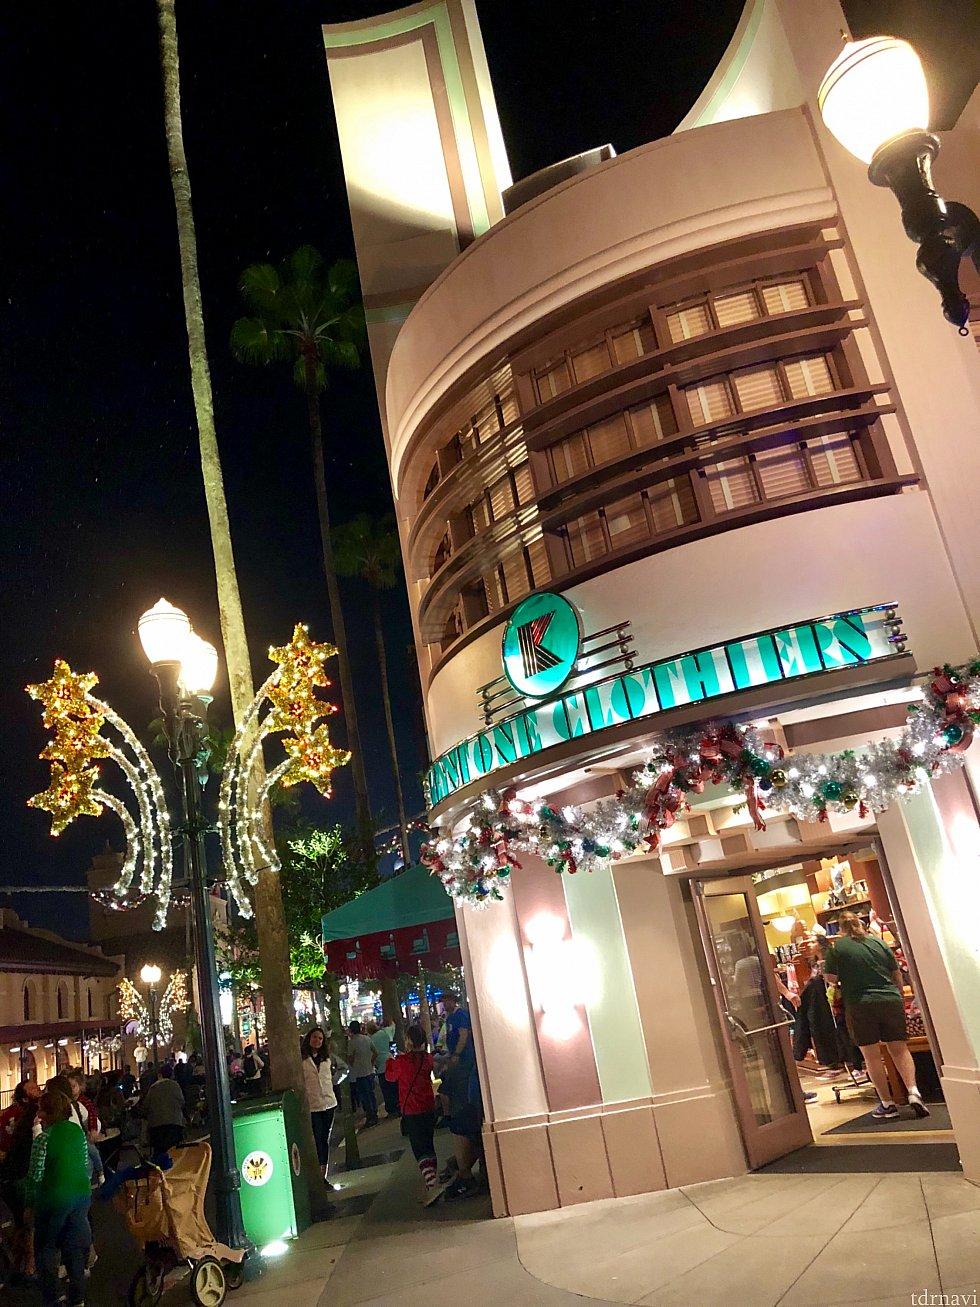 ハリウッドの夜景の街並みも本当に綺麗です。